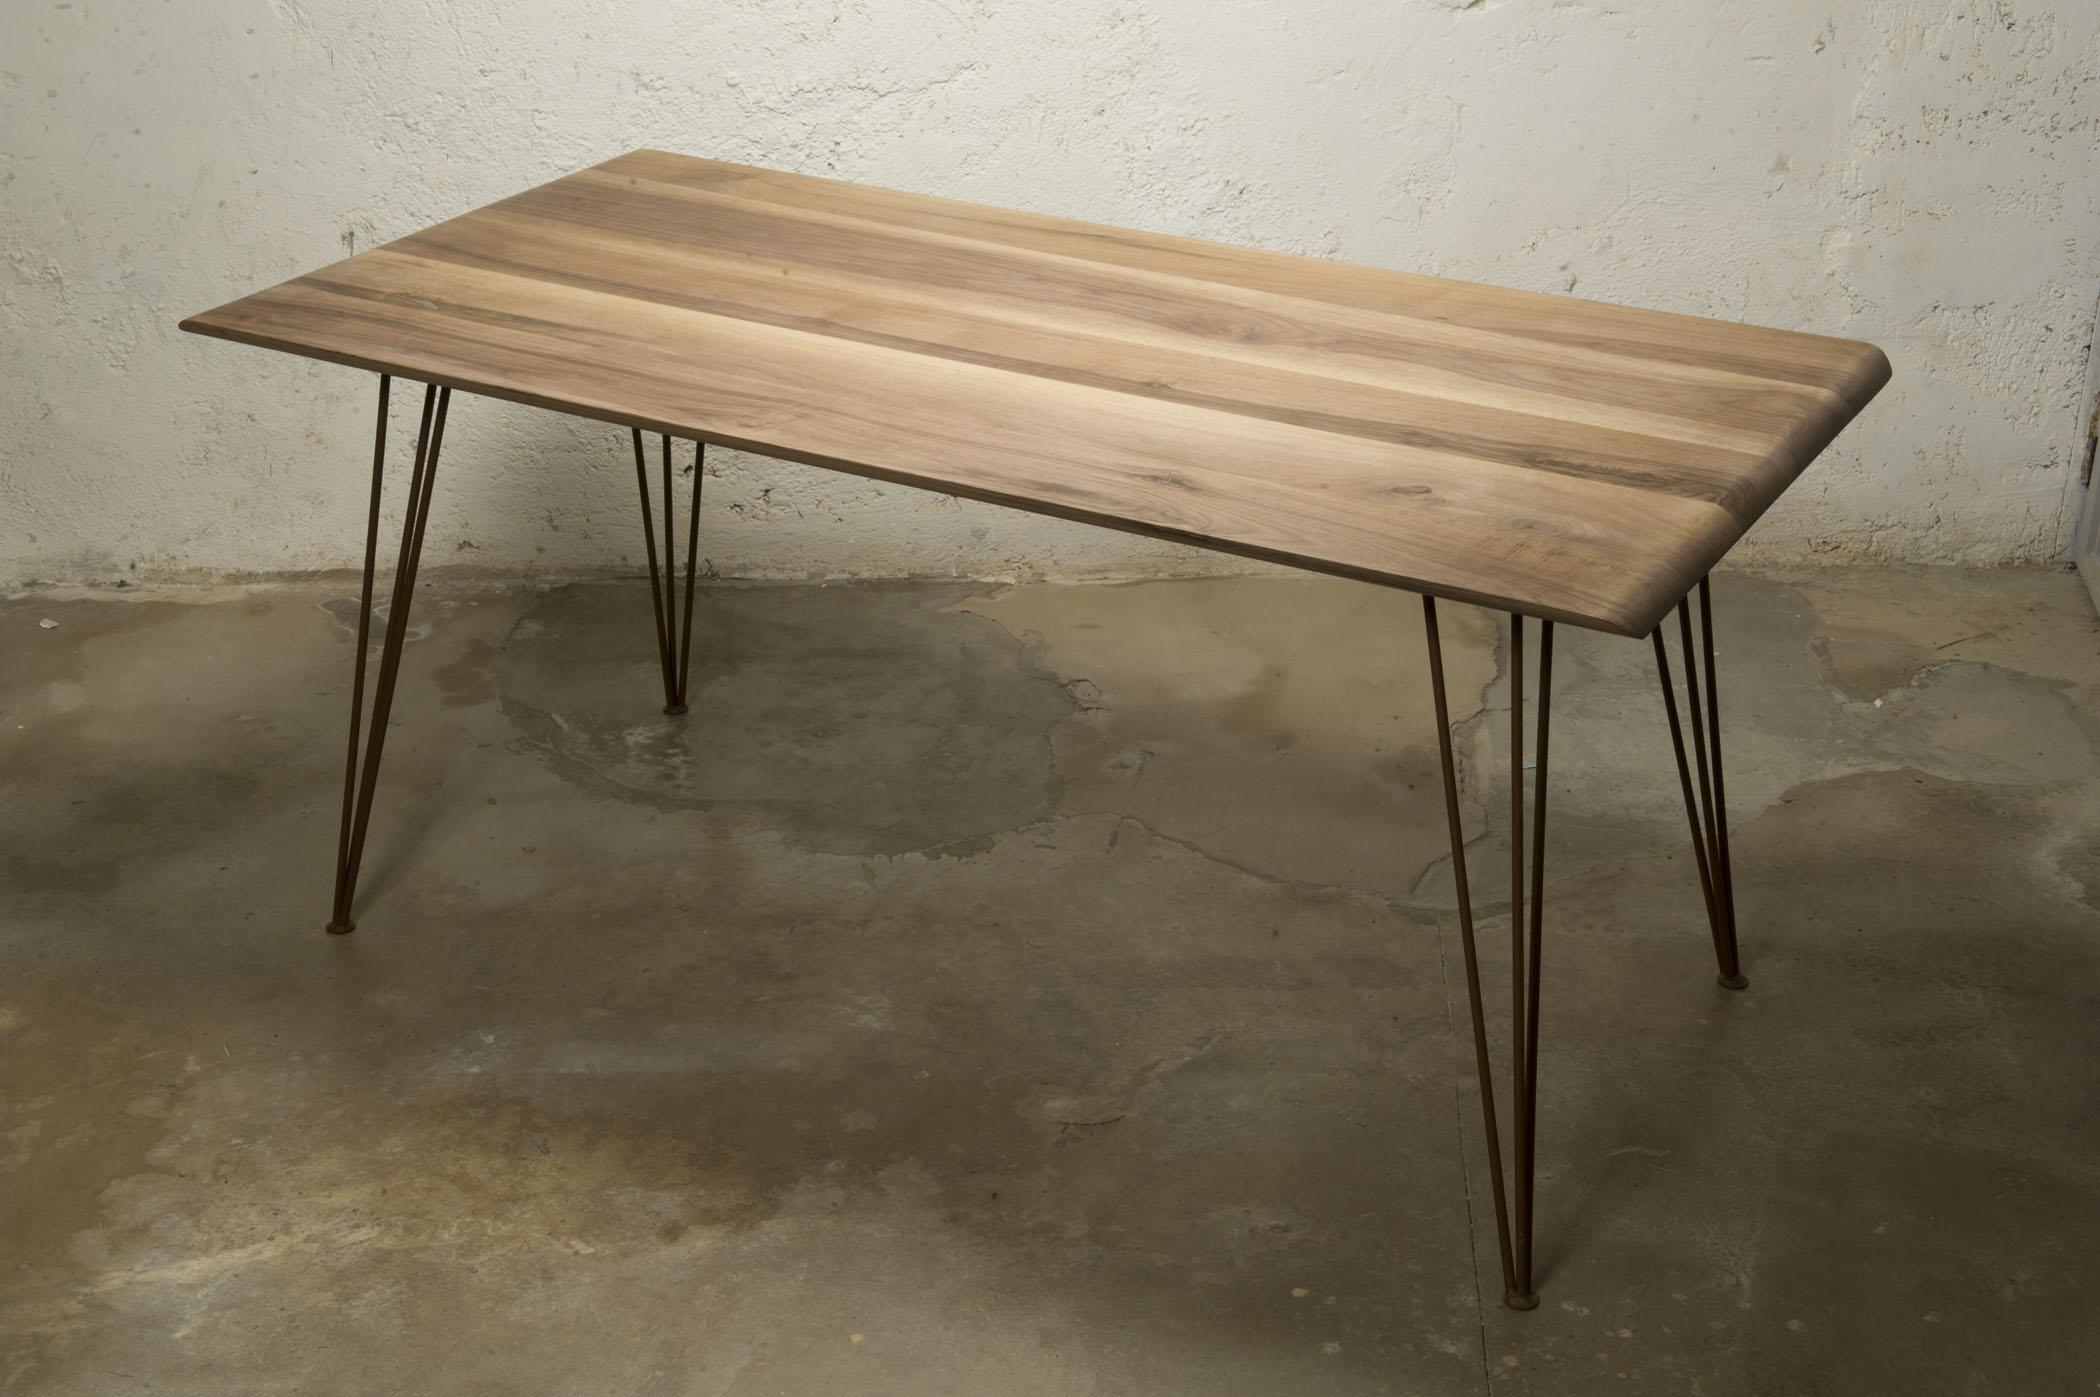 Tavolo con struttura in ferro e piano in legno massello. Tavoli riproducibili su misura da Laquercia21